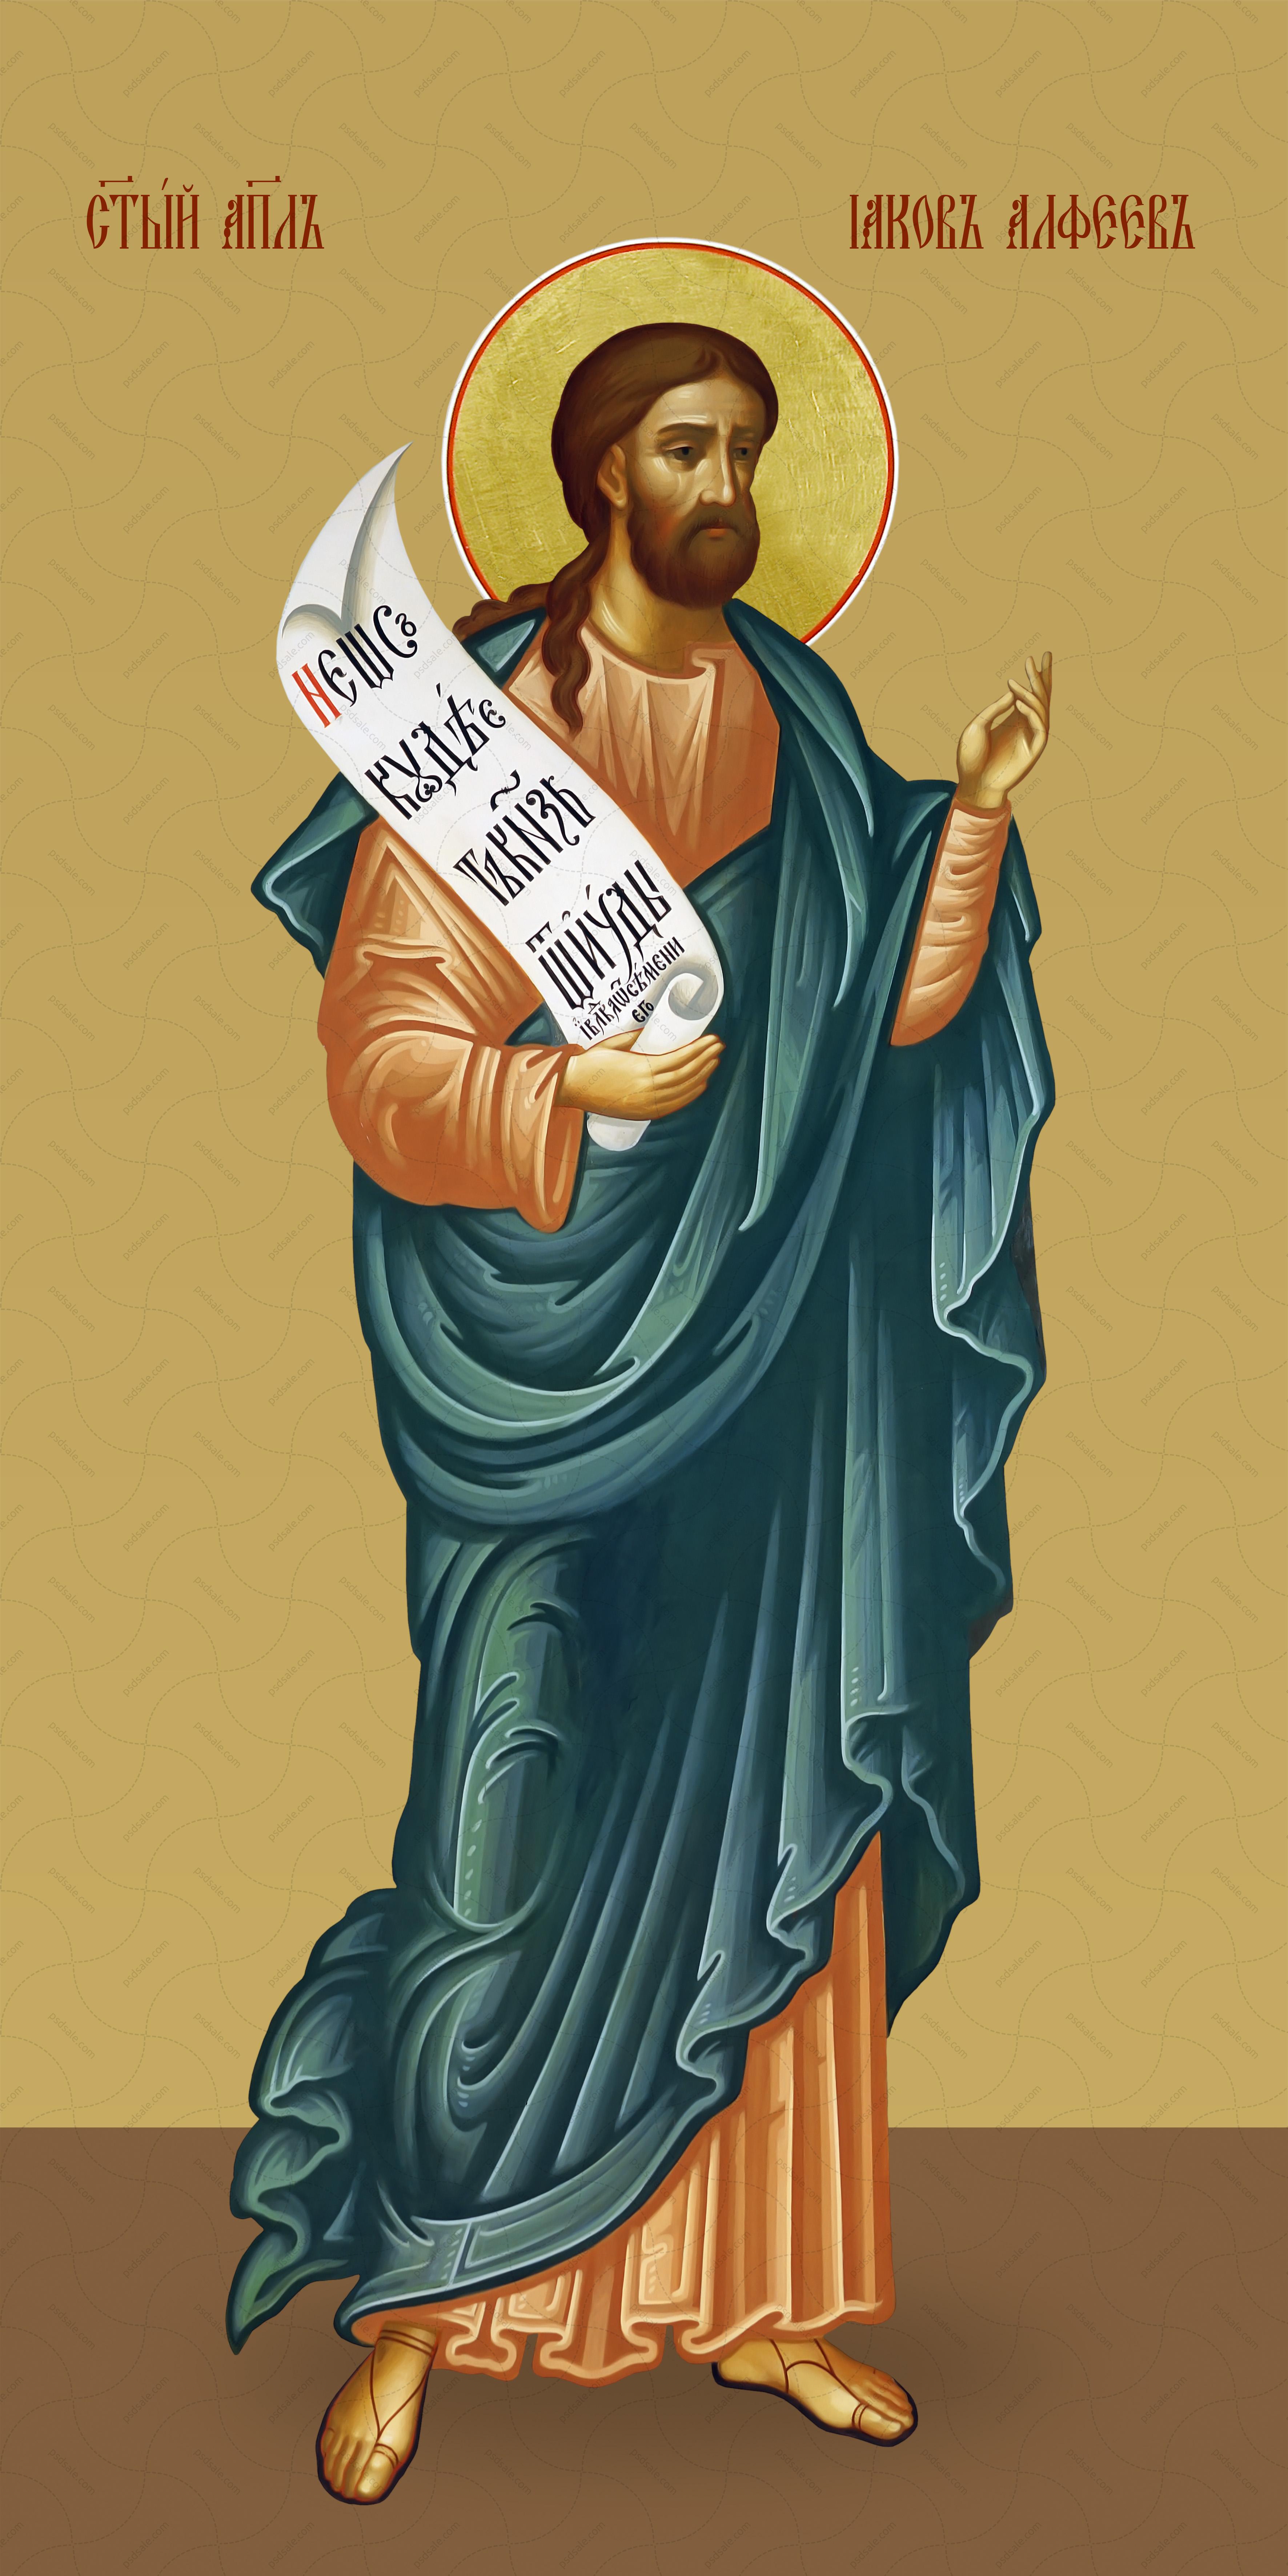 Мерная икона, Иаков Алфеев, апостол